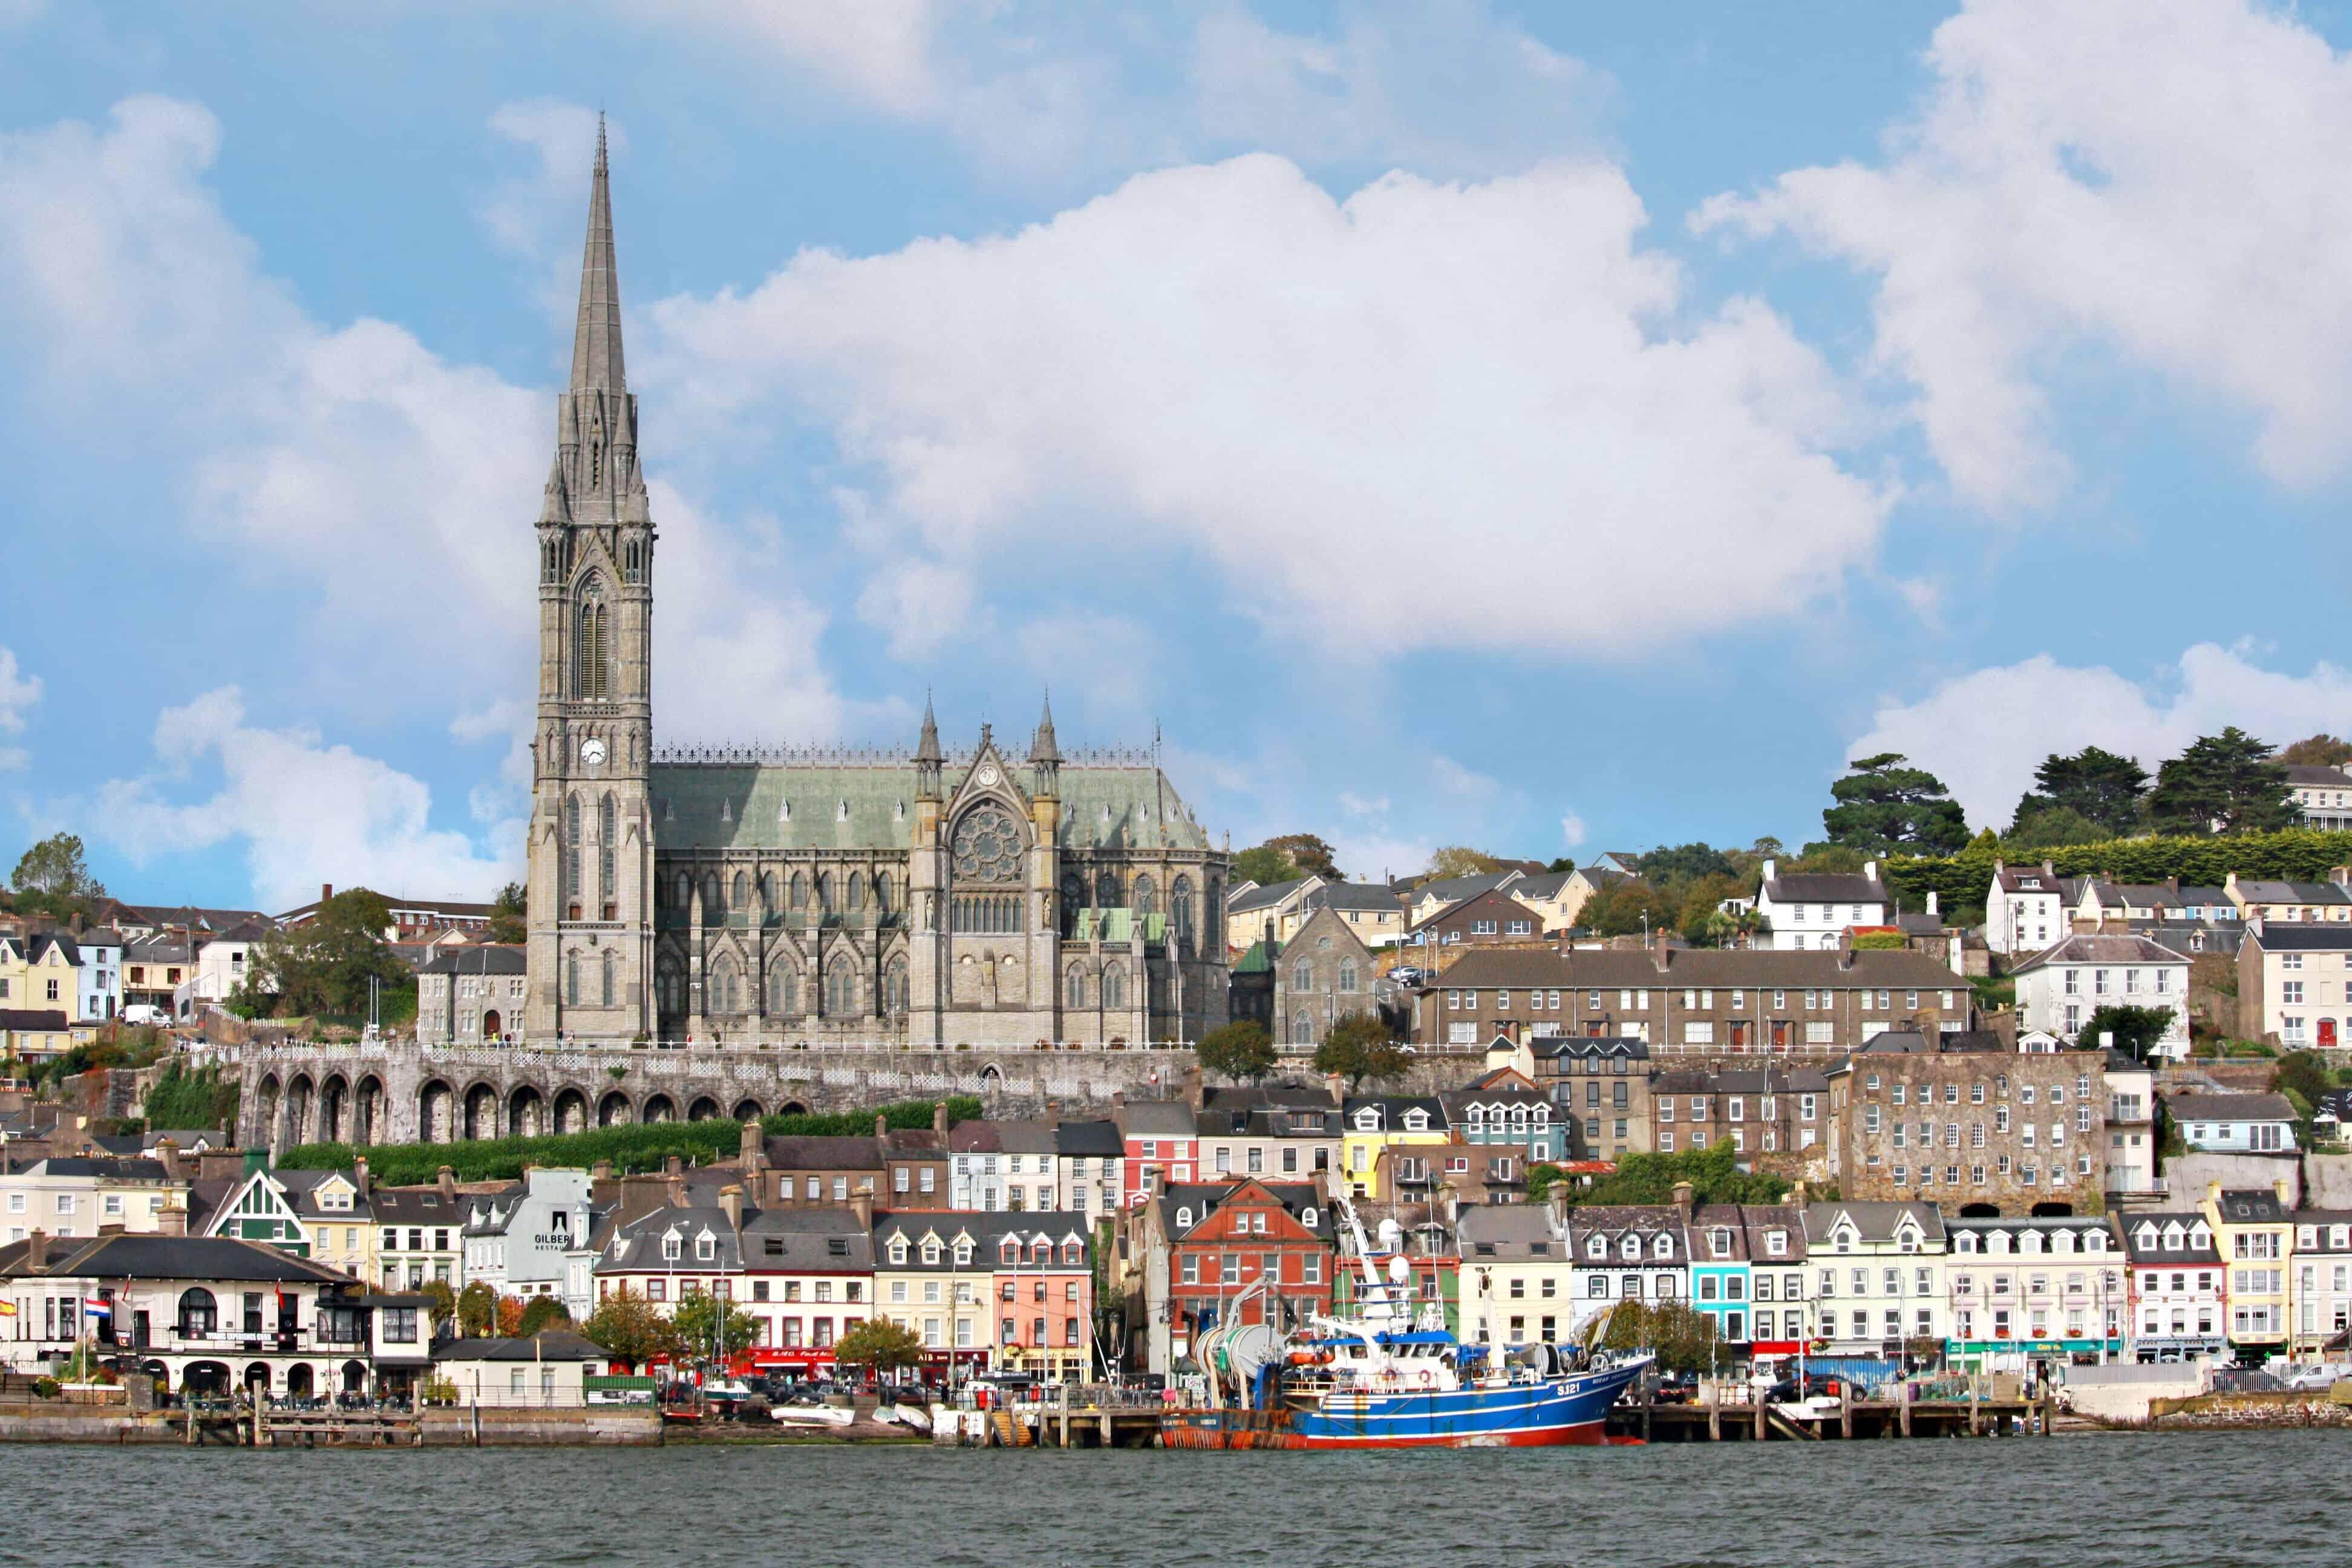 Kleurrijke gebouwen en een kerk aan het water in het Ierse dorpje Cobh.